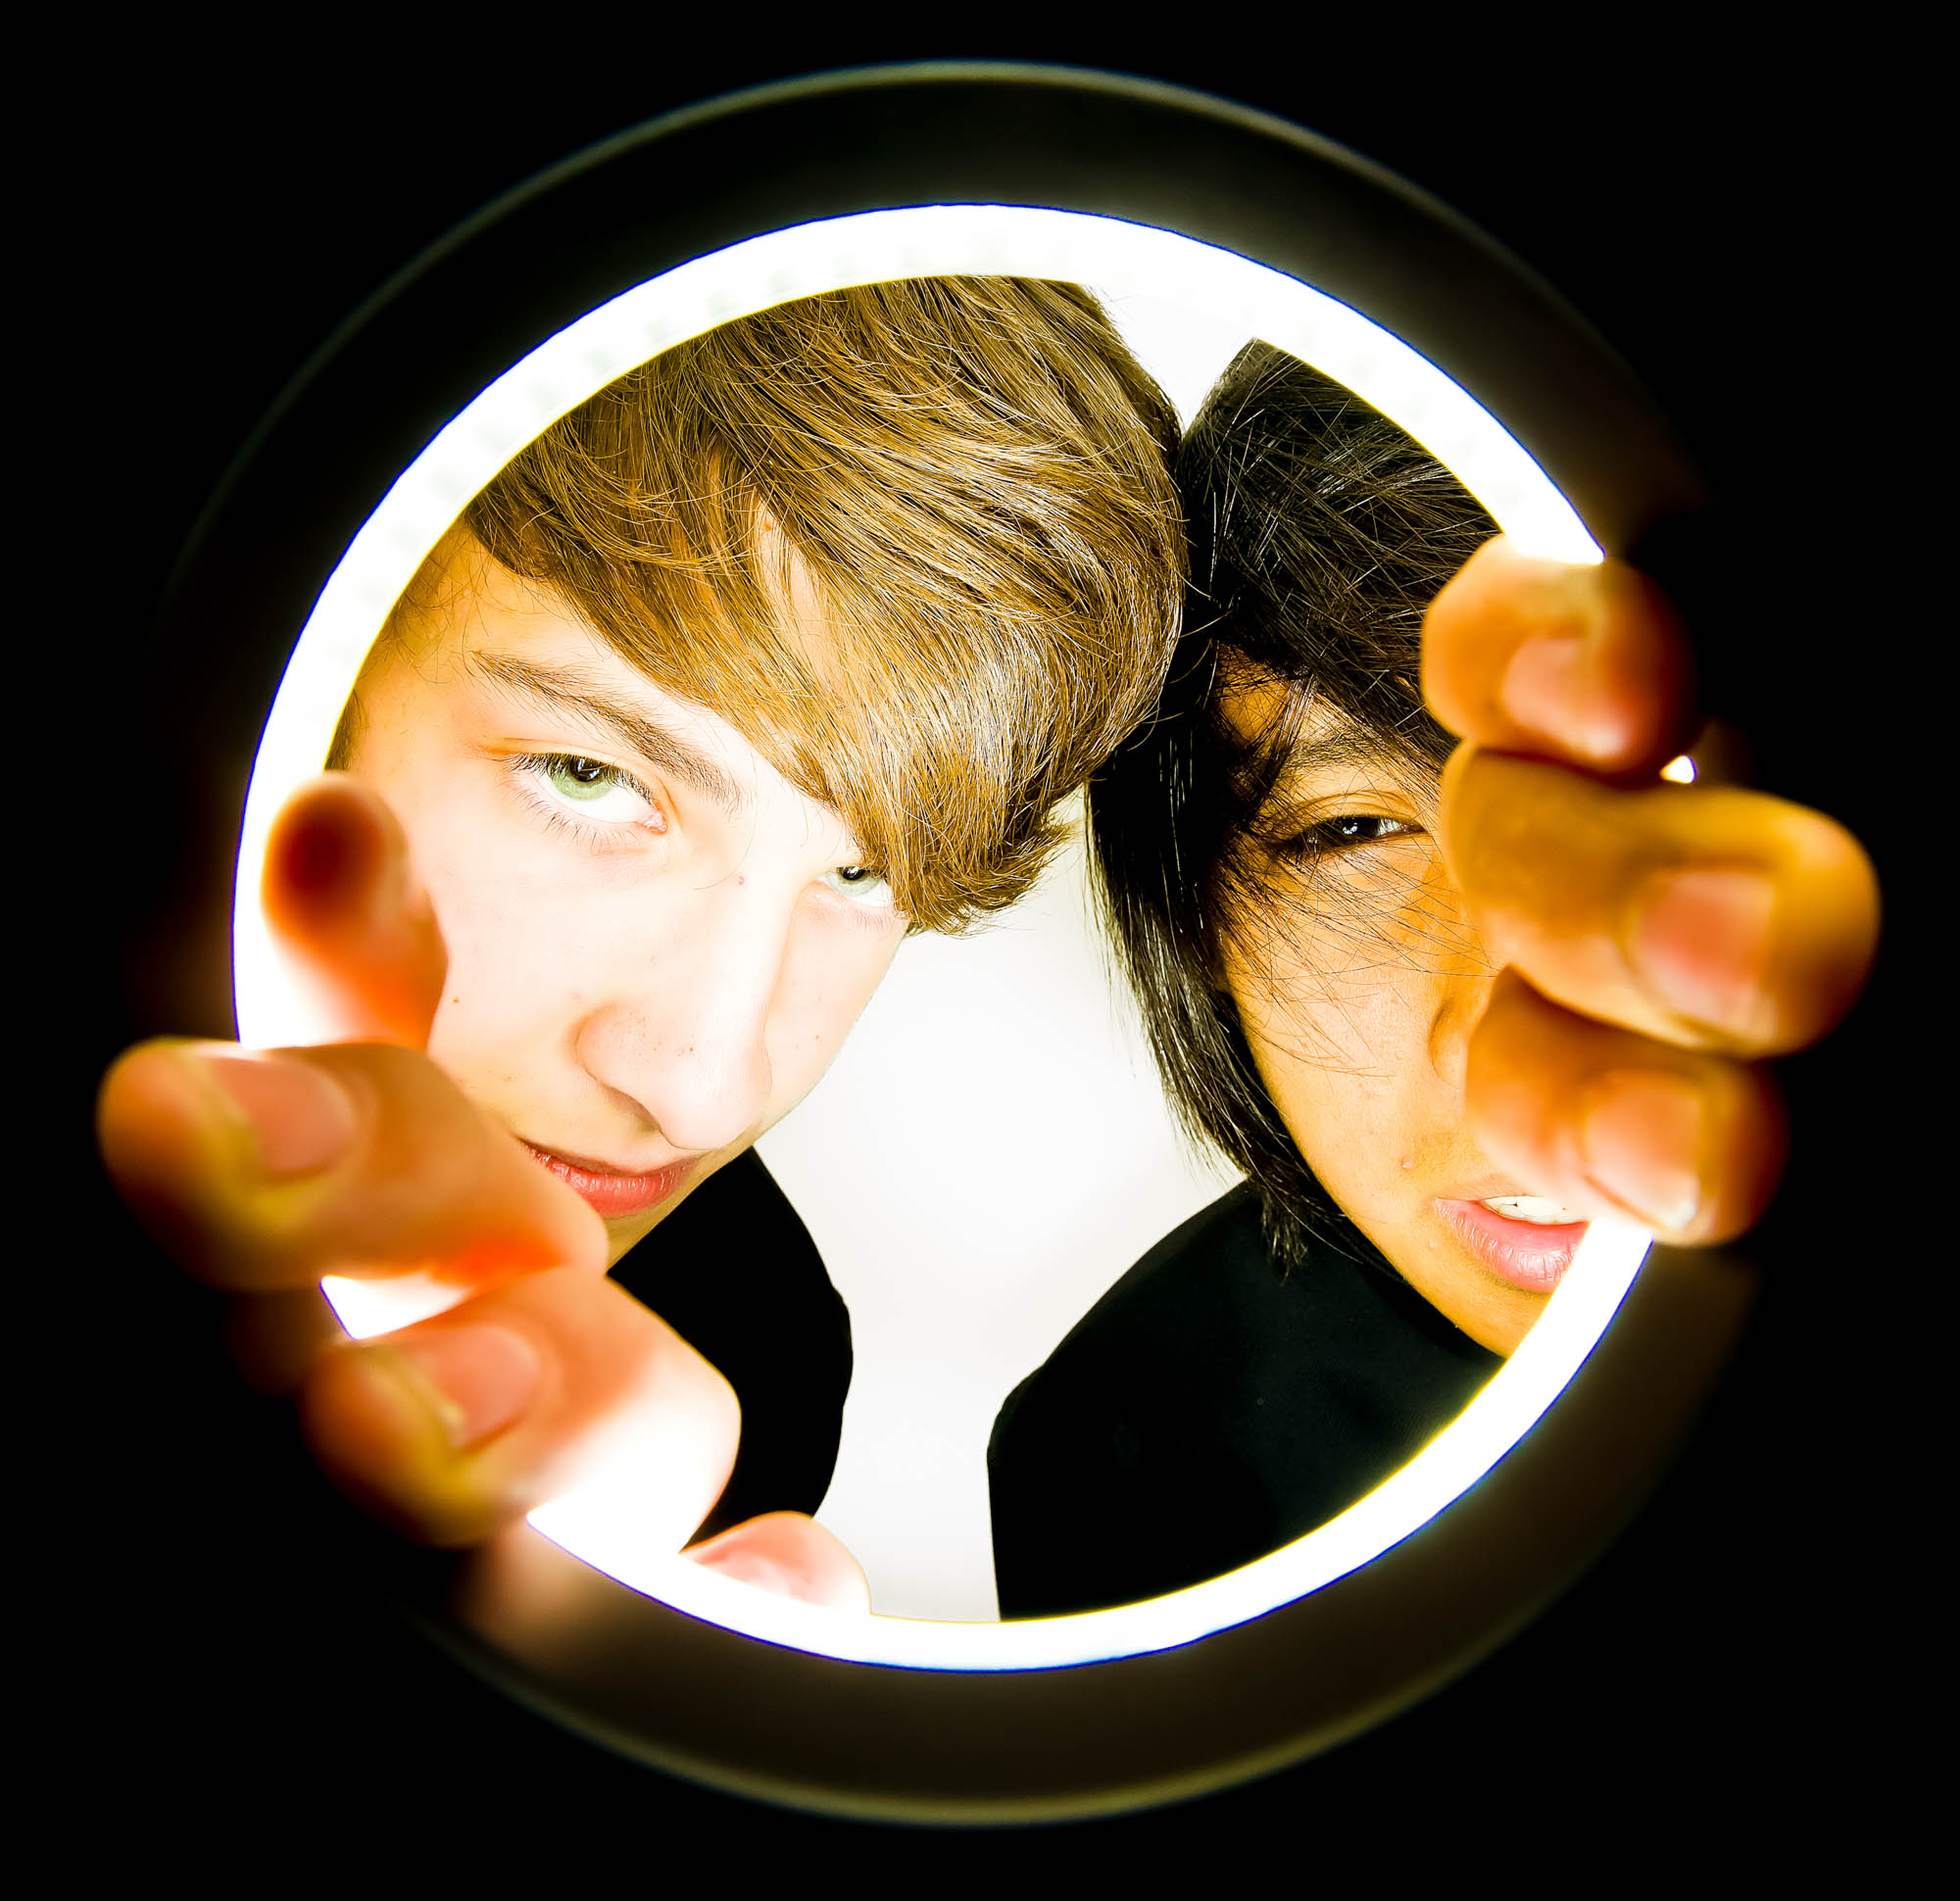 ring-light-seniors.jpg